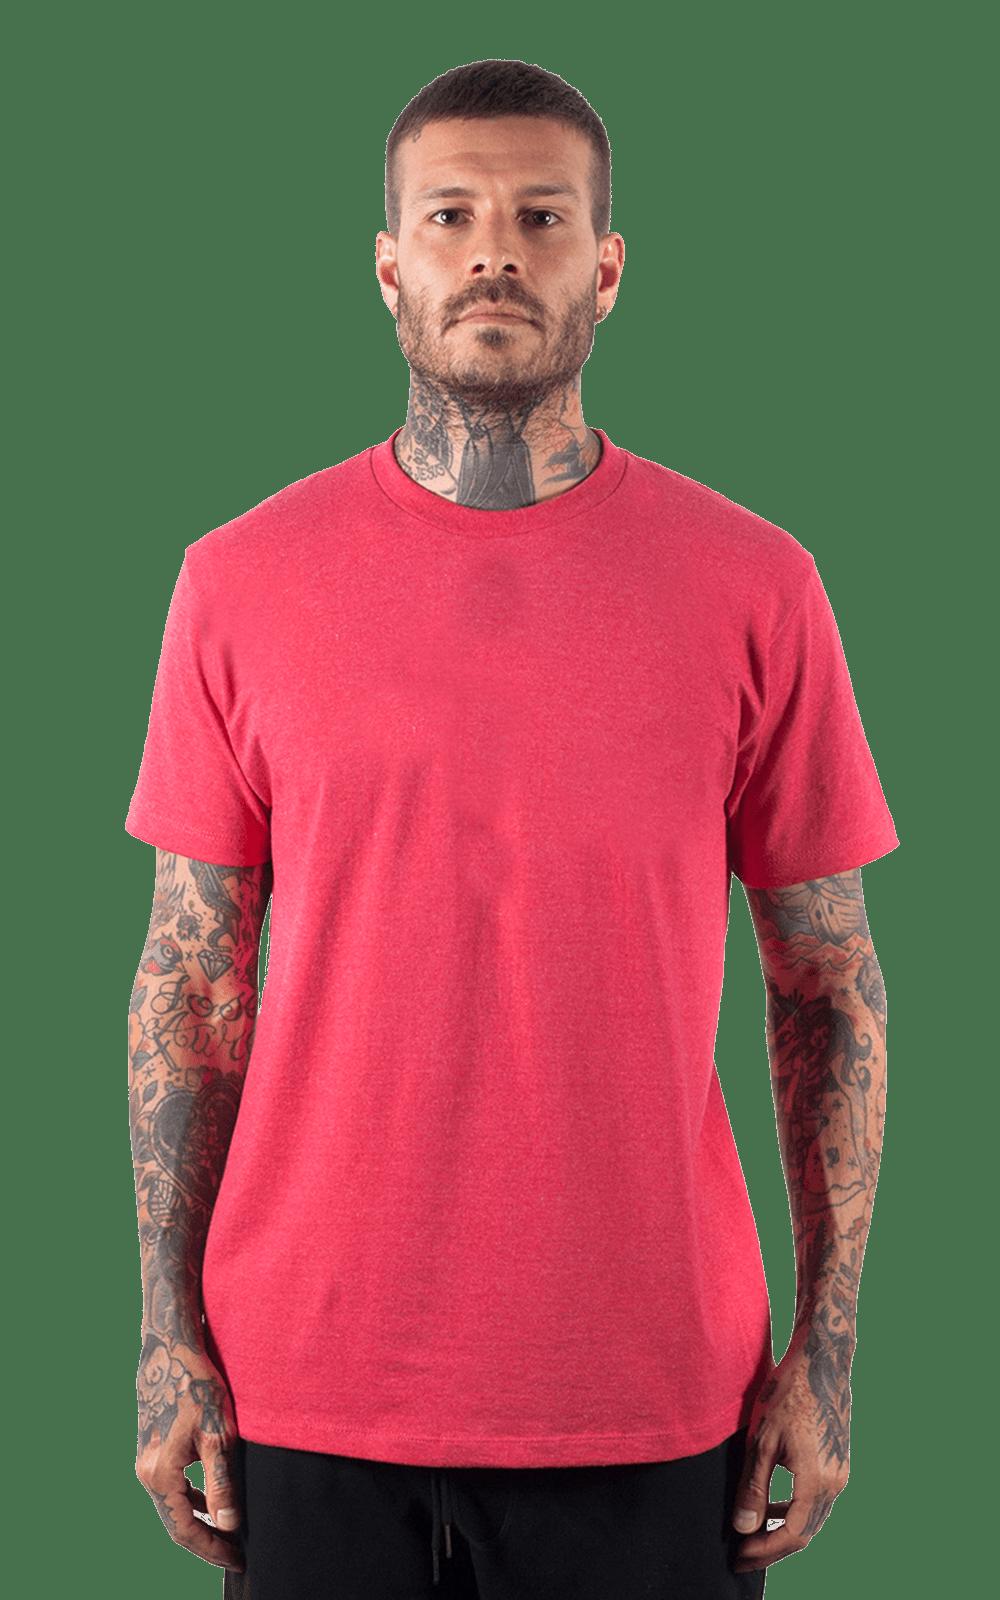 Camiseta_Tubo_RedHTR_Frente